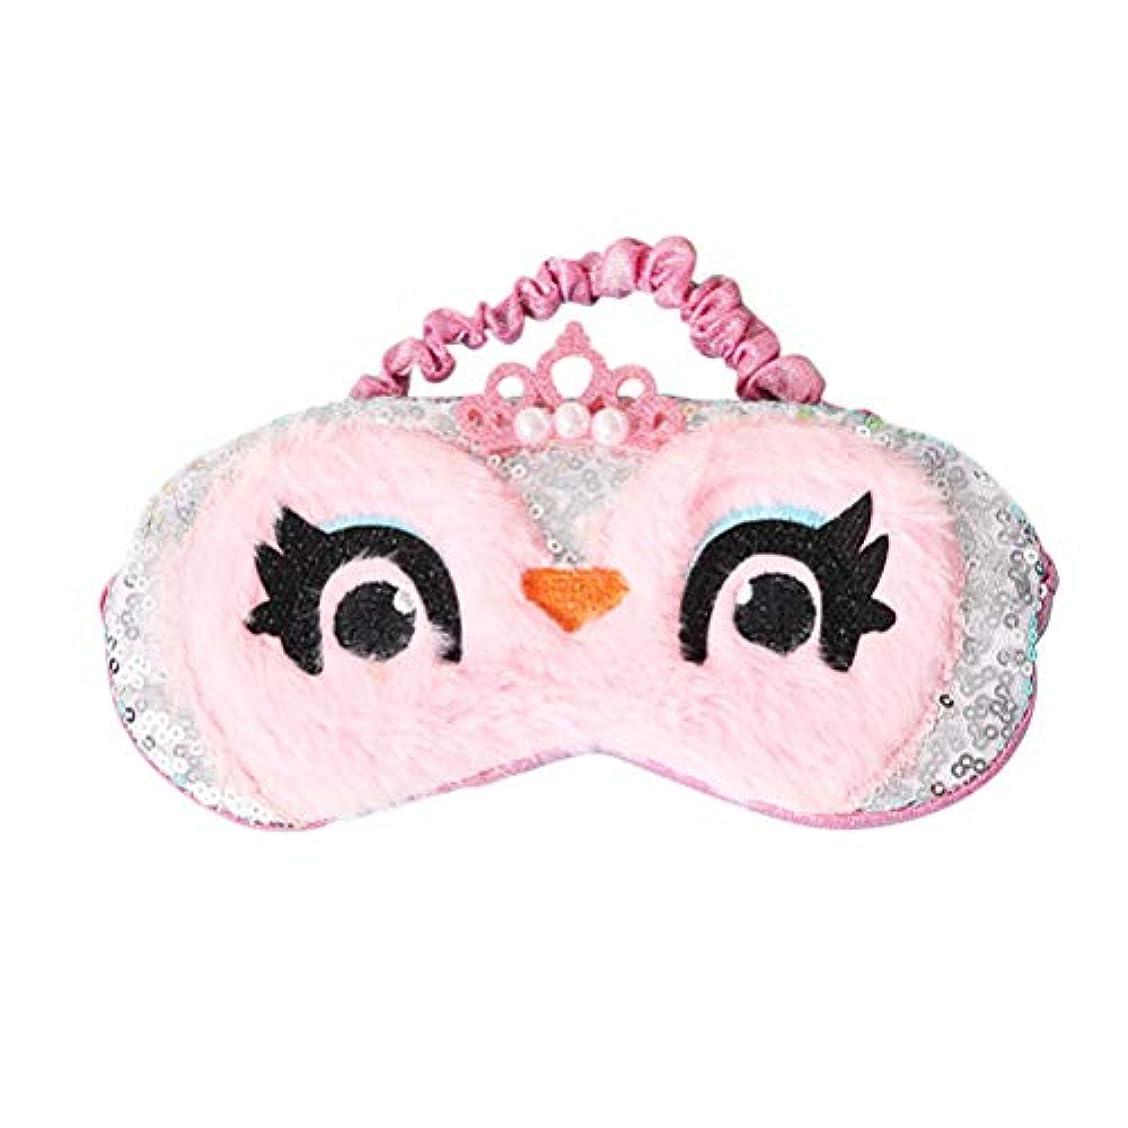 デジタルサドル解釈的Healifty アイマスクかわいいぬいぐるみ目隠しアイカバー用女性女の子子供ホームベッド旅行フライトカーキャンプ用(ピンク)